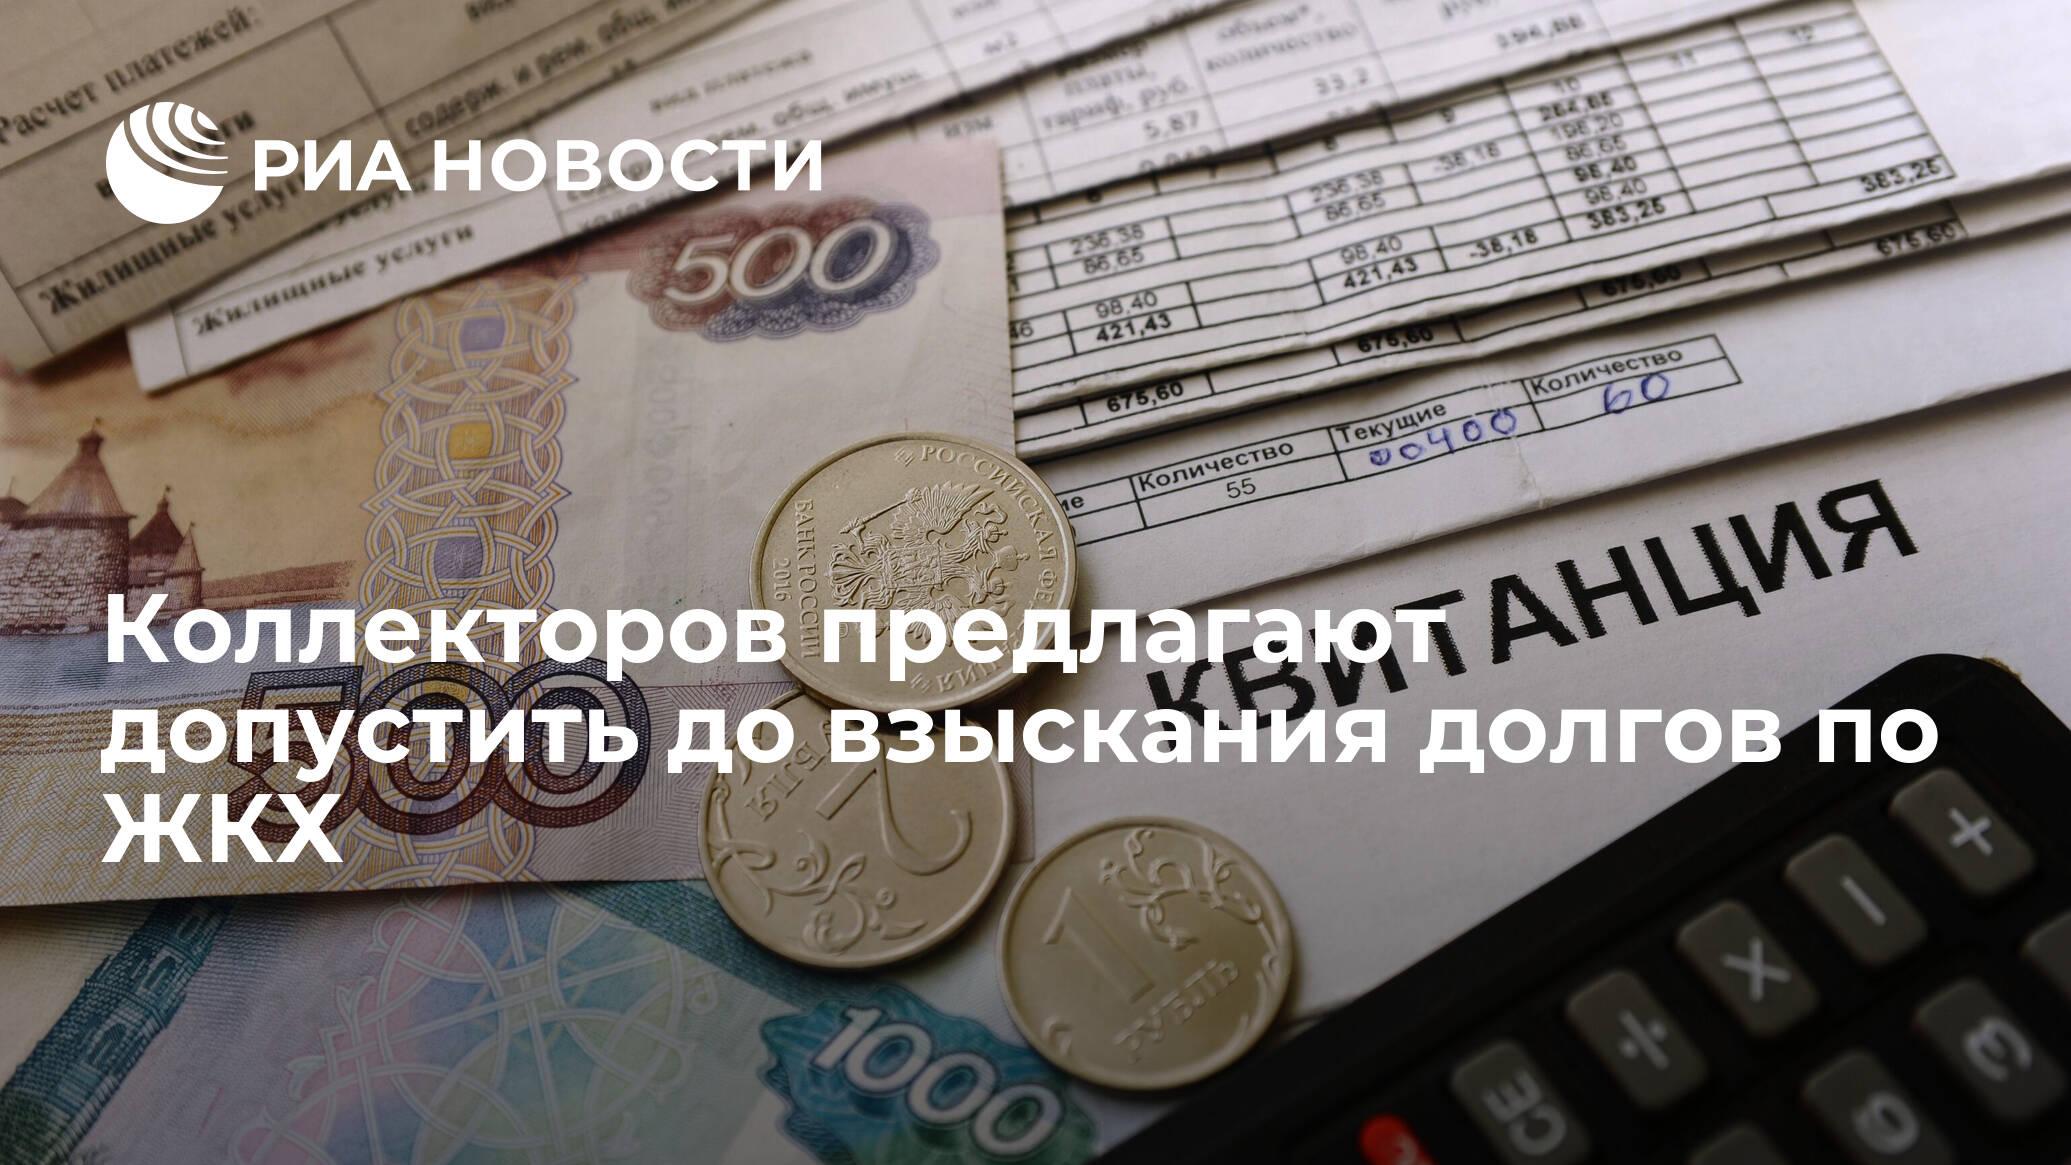 Банки где можно взять кредит без справок с плохой кредитной историей